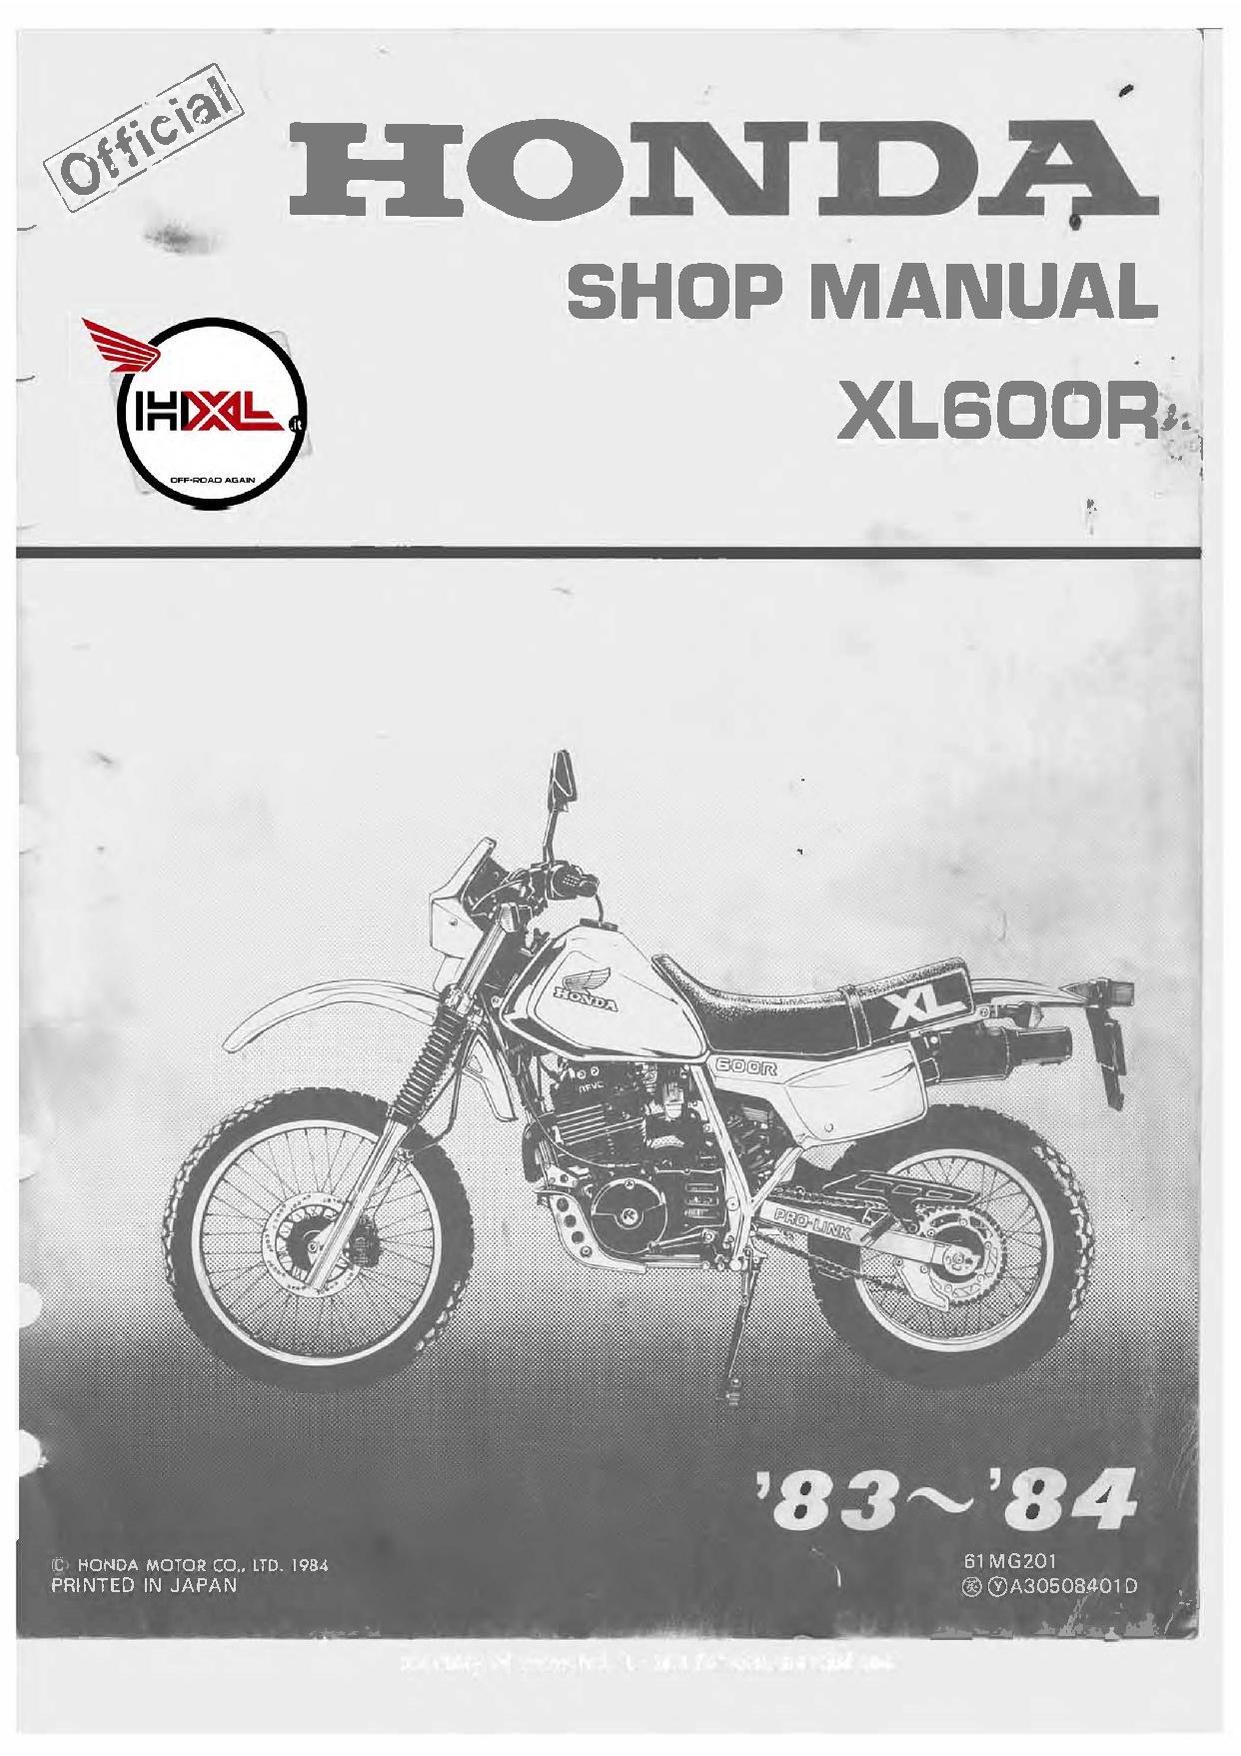 File:Honda XL600R 1983 1984 Service Manual.pdf - CycleChaos